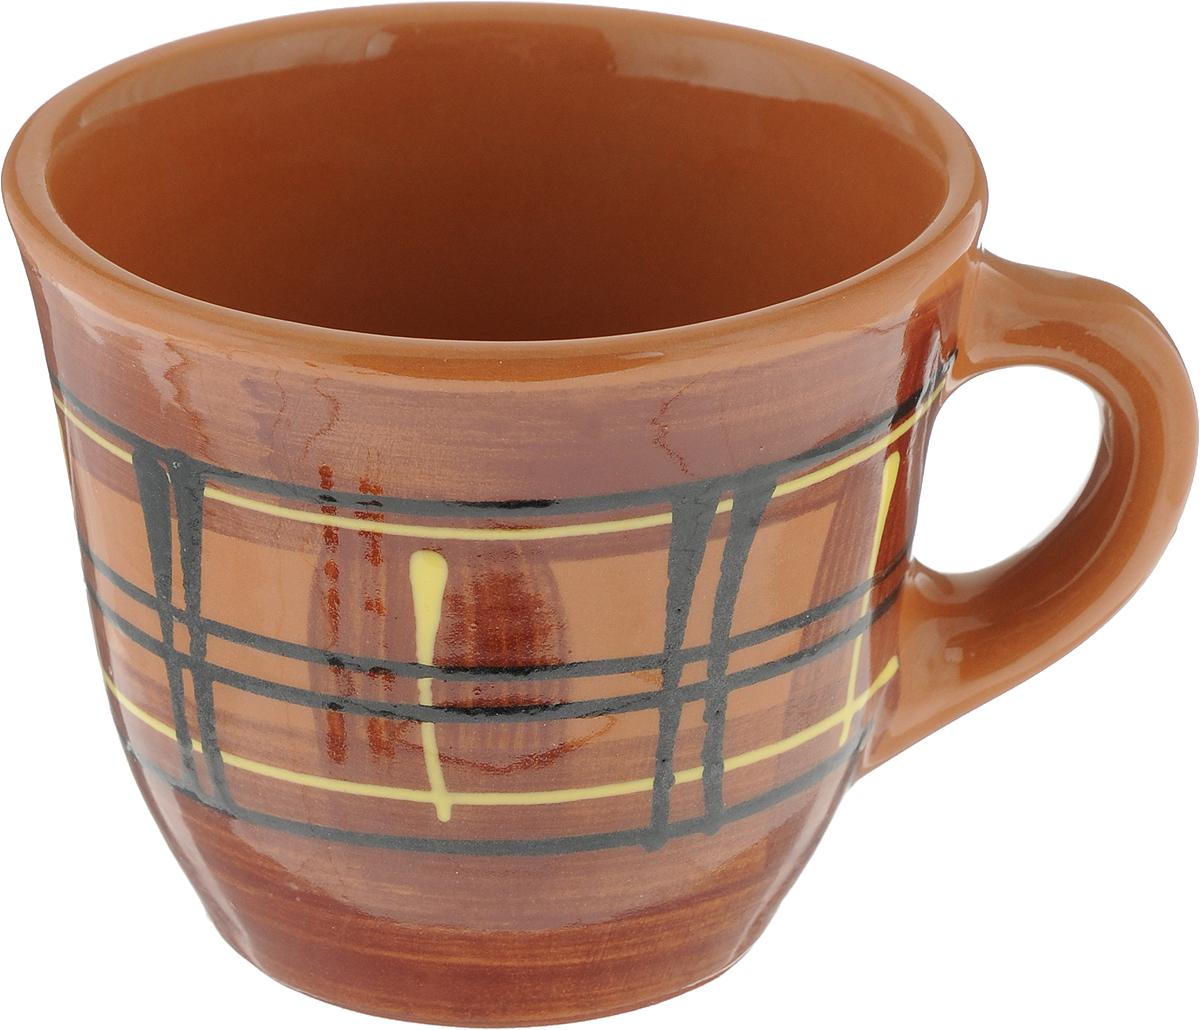 Чашка Борисовская керамика Стандарт. Полоски, 300 млОБЧ00000628_коричневый с полоскамиЧашка Борисовская керамика Стандарт. Полоски предназначена для повседневного использования. Изделие выполнено из высококачественной керамики. Природные свойства этого материала позволяют долго сохранять температуру напитка, даже, если вы пьете что-то холодное.Диаметр чашки (по верхнему краю): 10 см. Диаметр основания: 5,5 см. Высота чашки: 8,5 см.